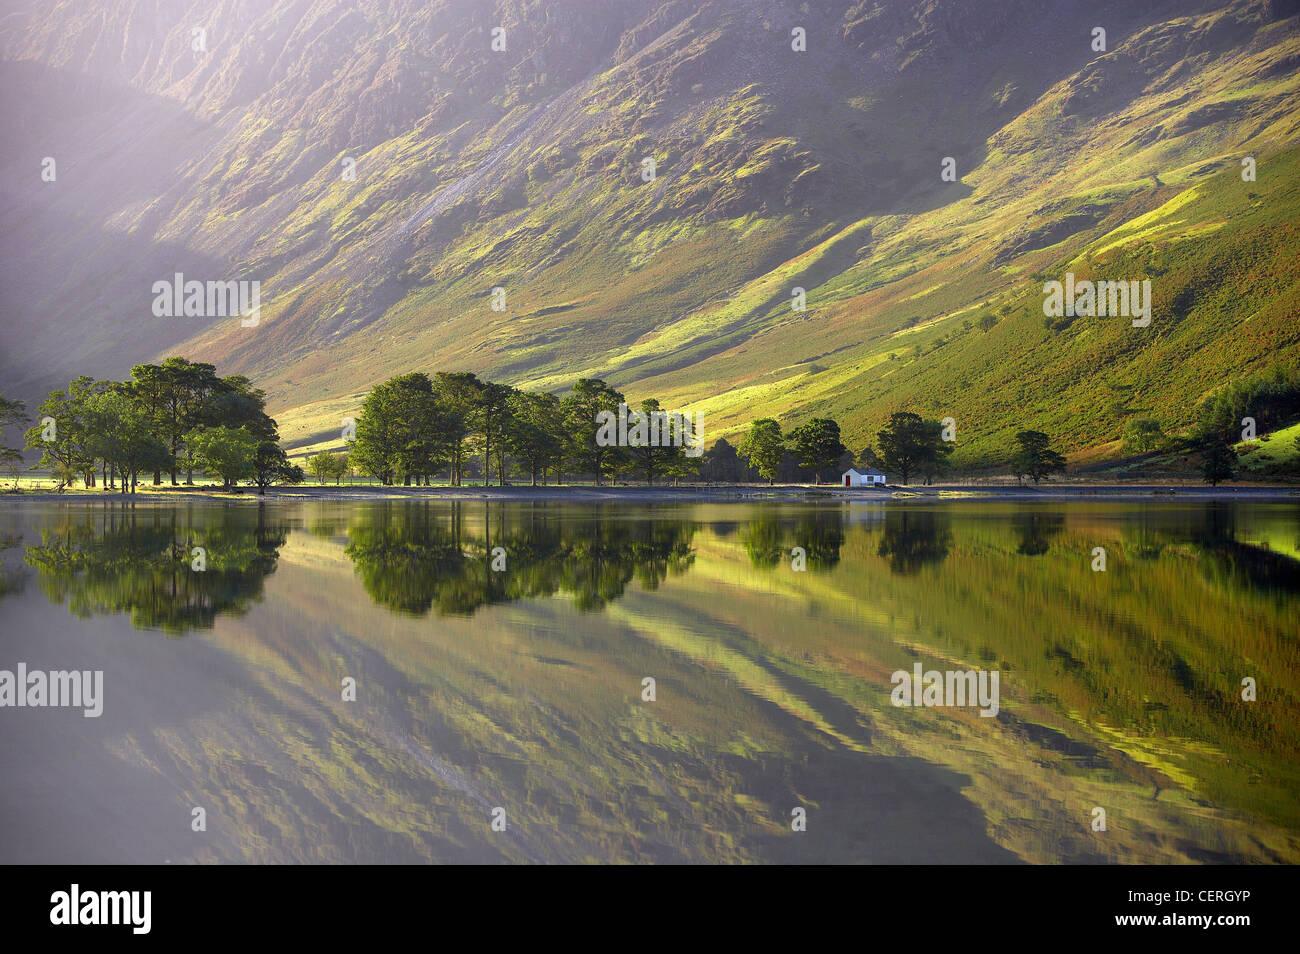 Riflessioni sulla riva del Buttermere all'alba, Cumbria, Distretto dei Laghi, Cumbria, England, Regno Unito Immagini Stock